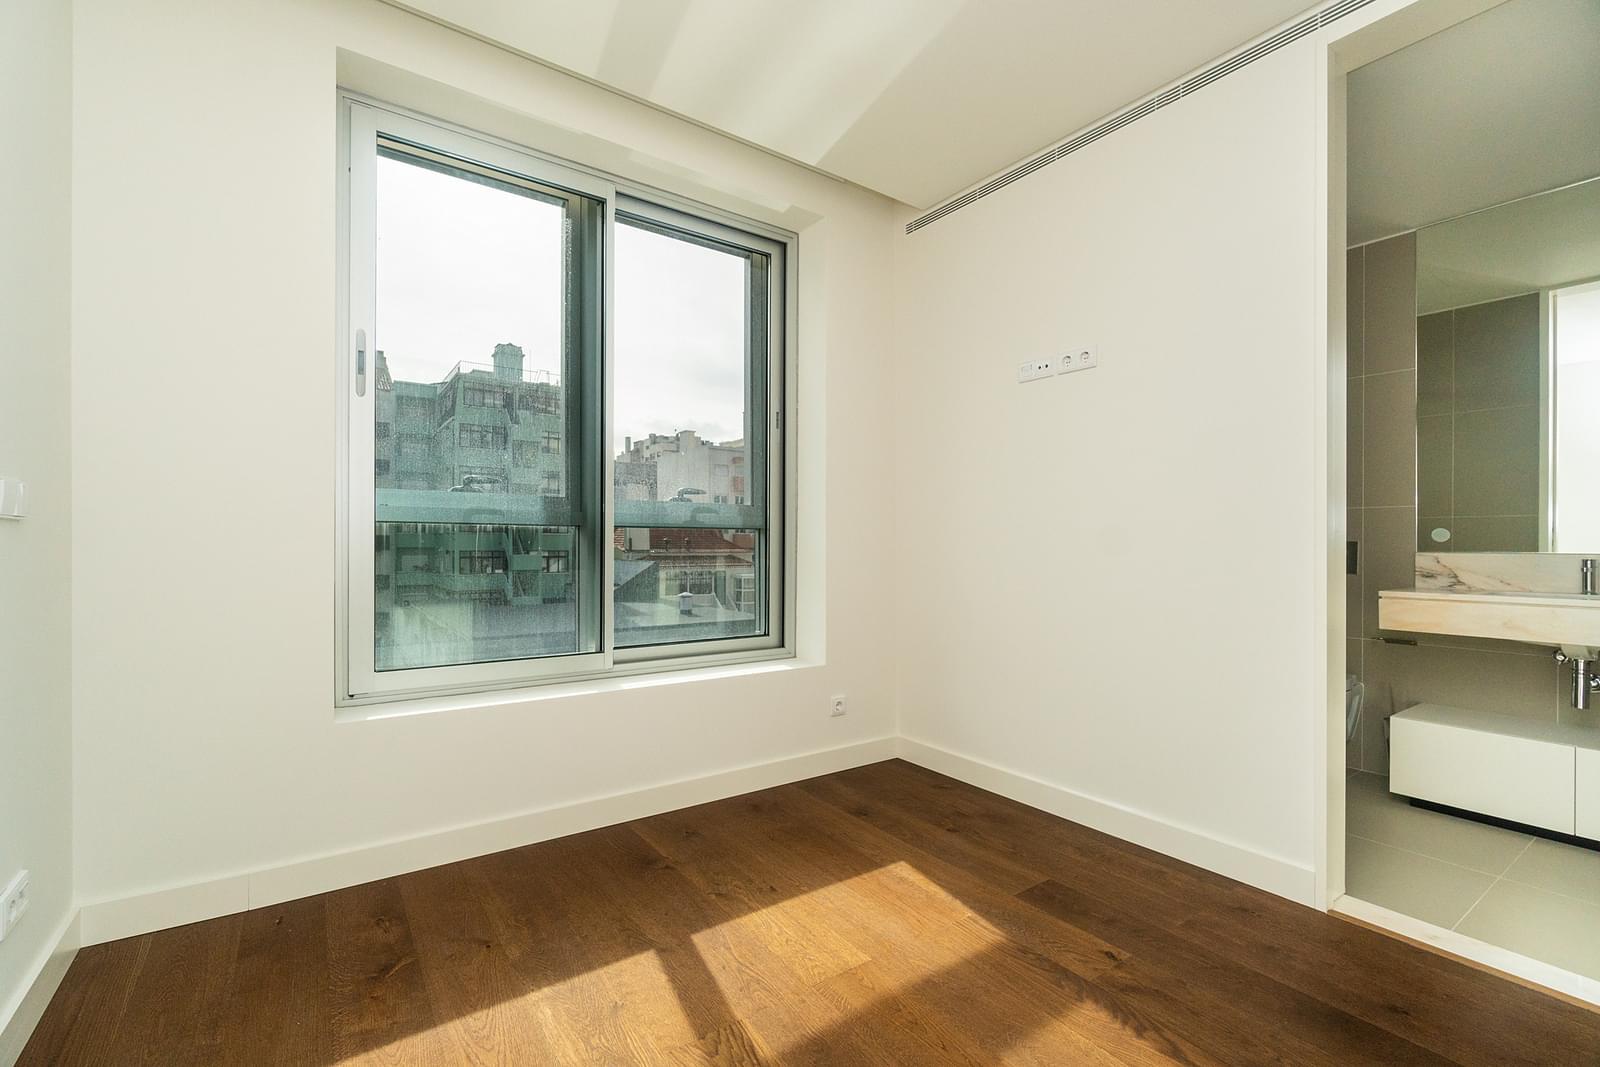 pf18694-apartamento-t3-lisboa-f972cd2d-7c7d-4861-95f8-bb0842c5cd66